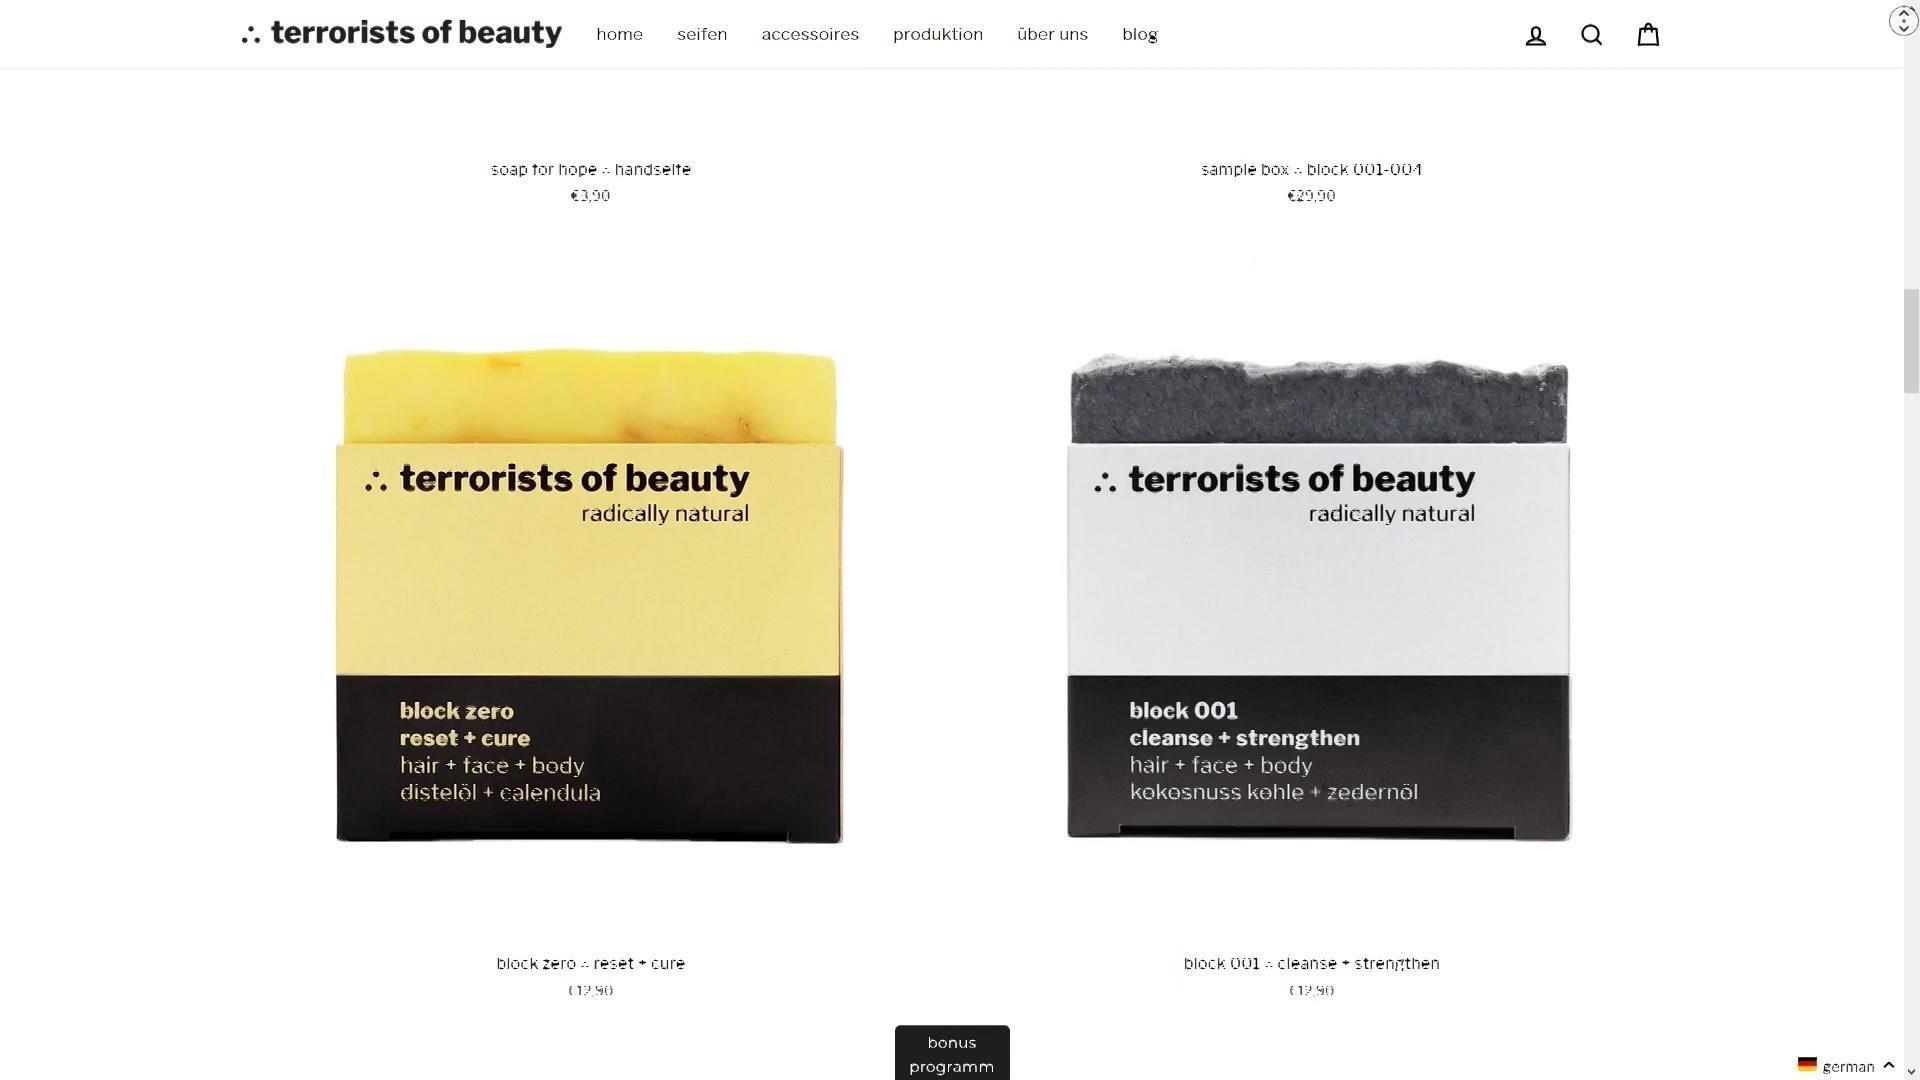 Seifen Startup - Terrorists of Beauty | Folge 5